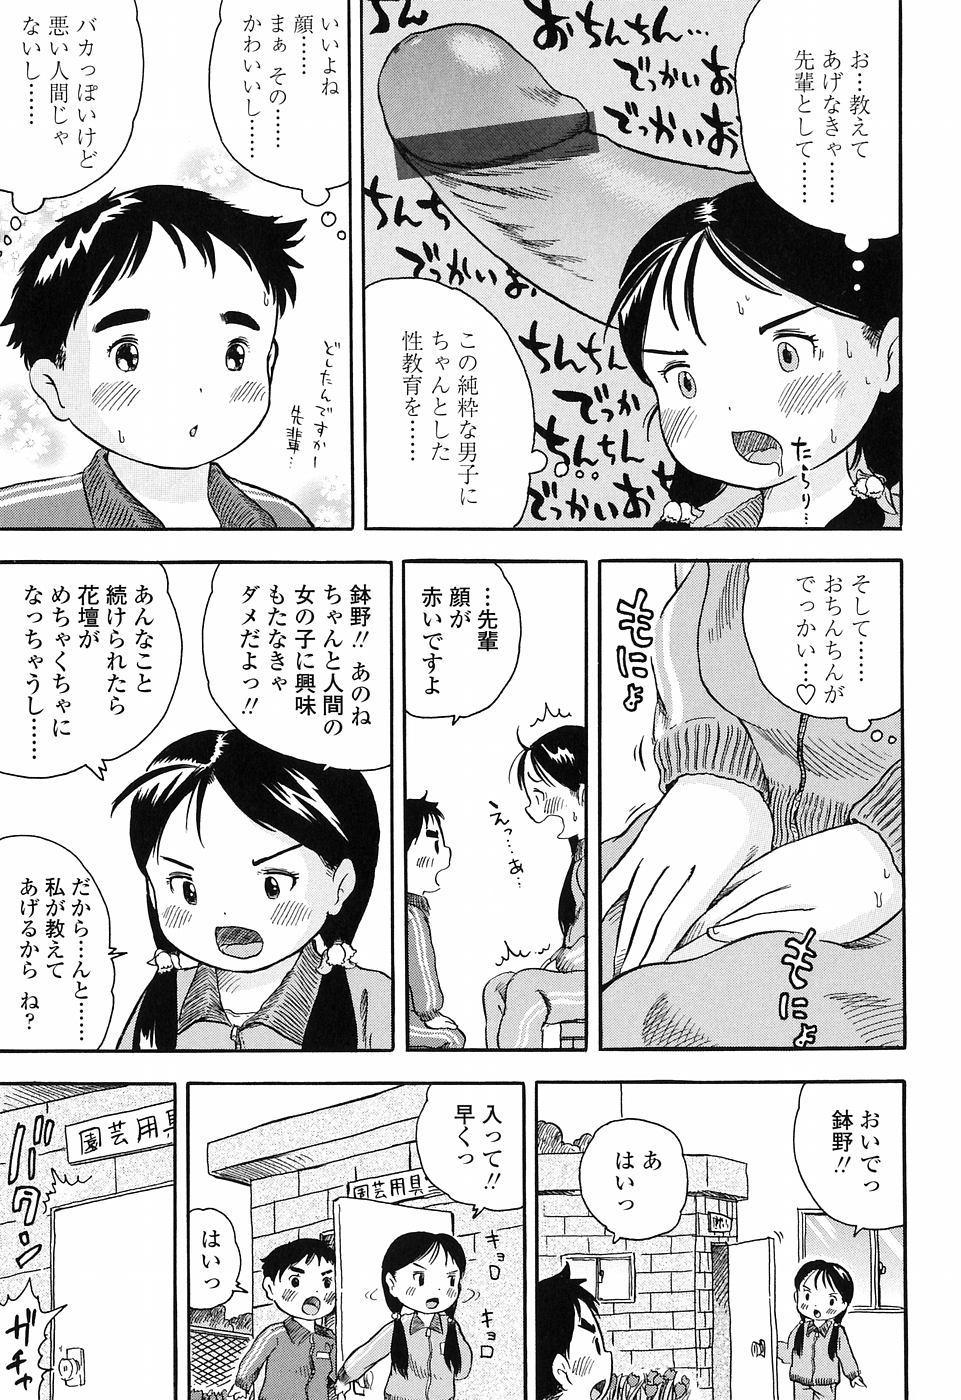 Koisuru Fukurami 166